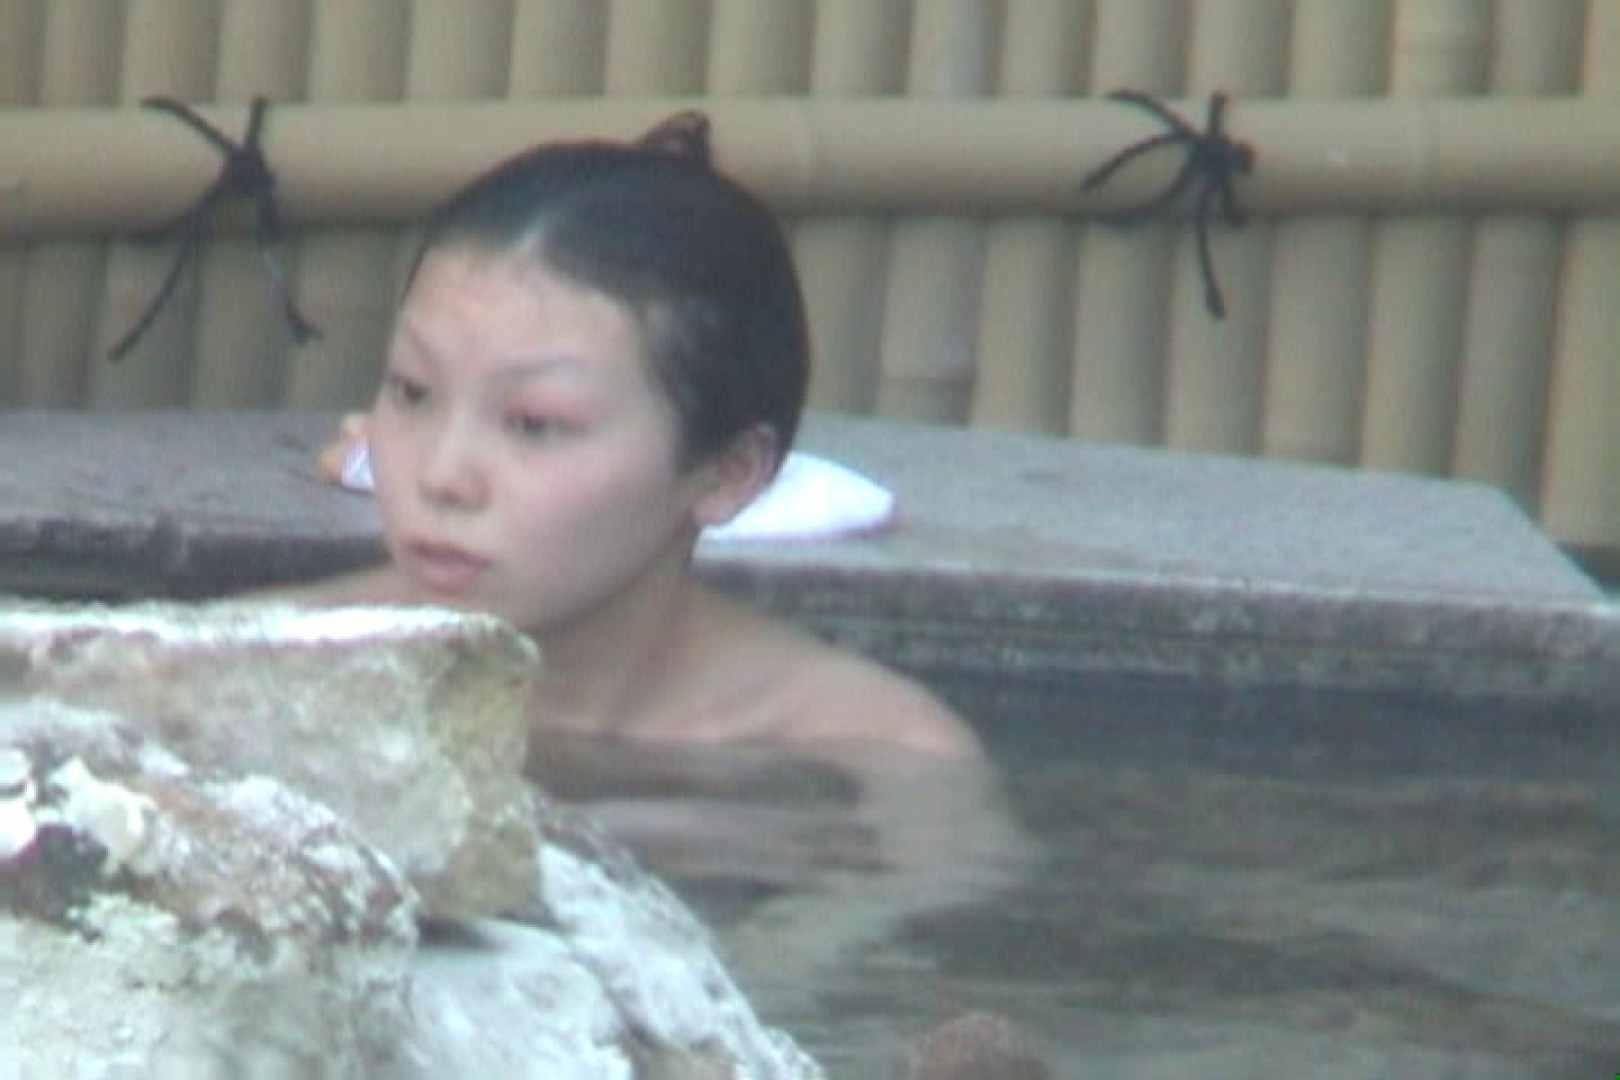 Aquaな露天風呂Vol.572 OLのエロ生活  52連発 24